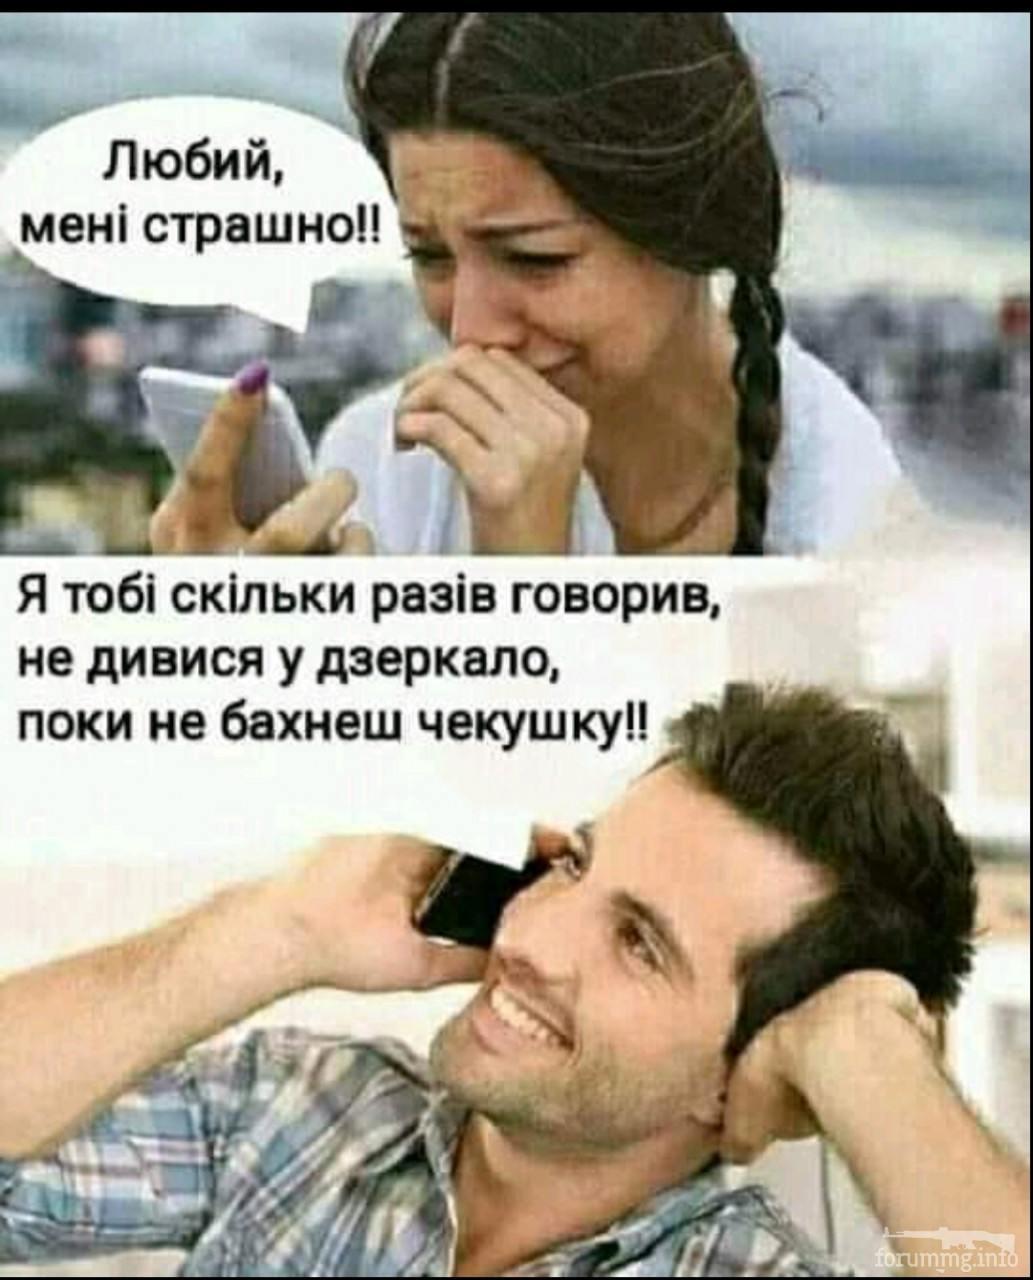 137025 - Пить или не пить? - пятничная алкогольная тема )))